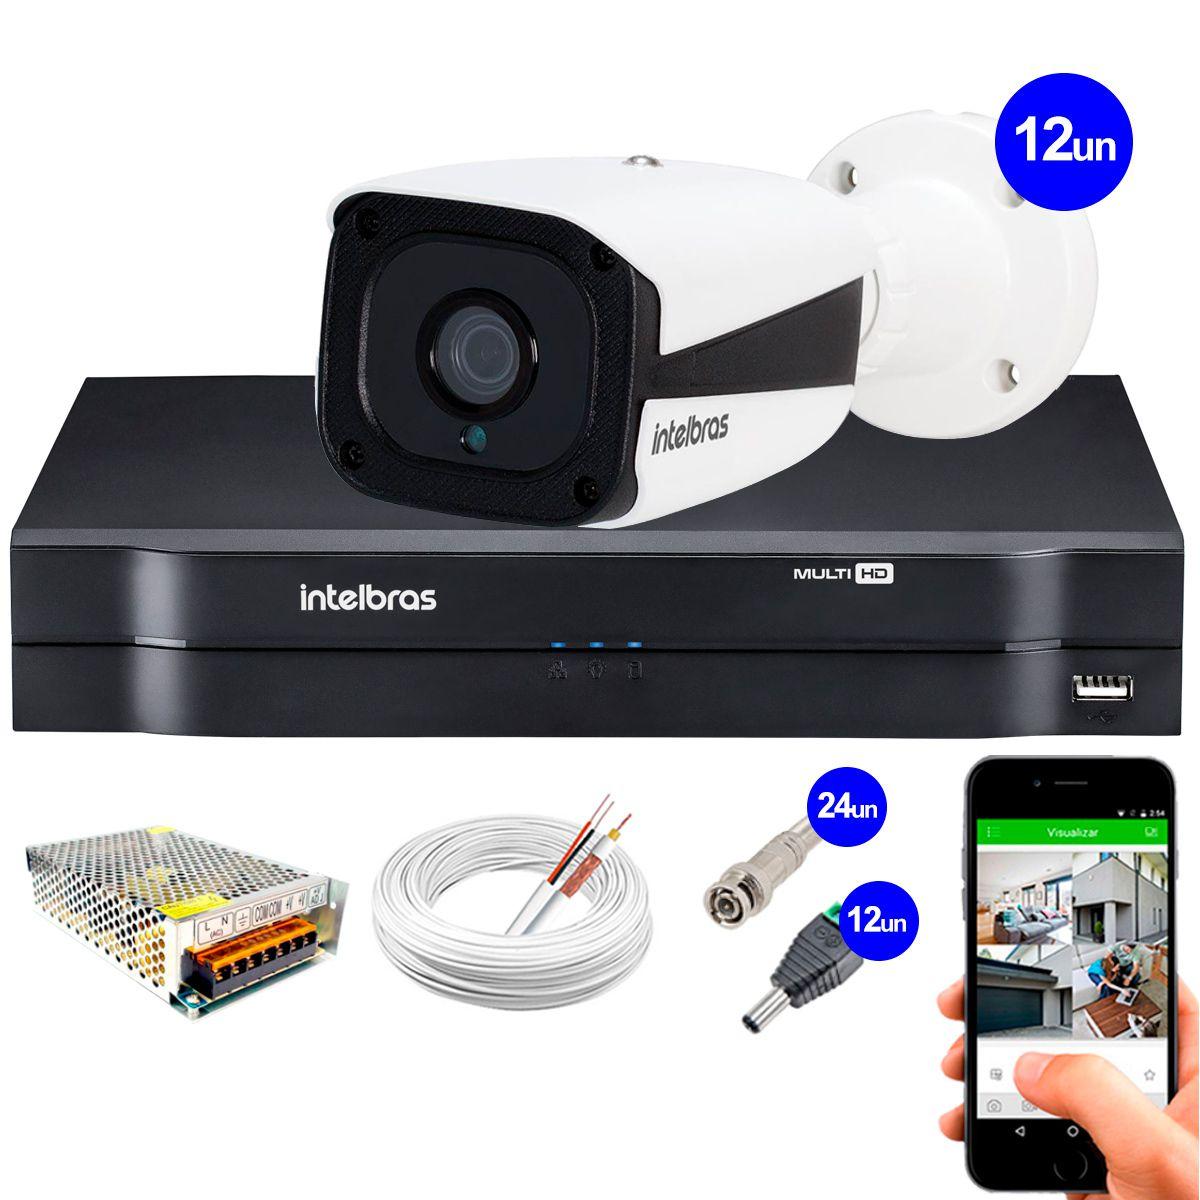 Kit Intelbras 12 Câmeras HD 720p VMH 3130 B + DVR Intelbras + Acessórios  - Tudo Forte